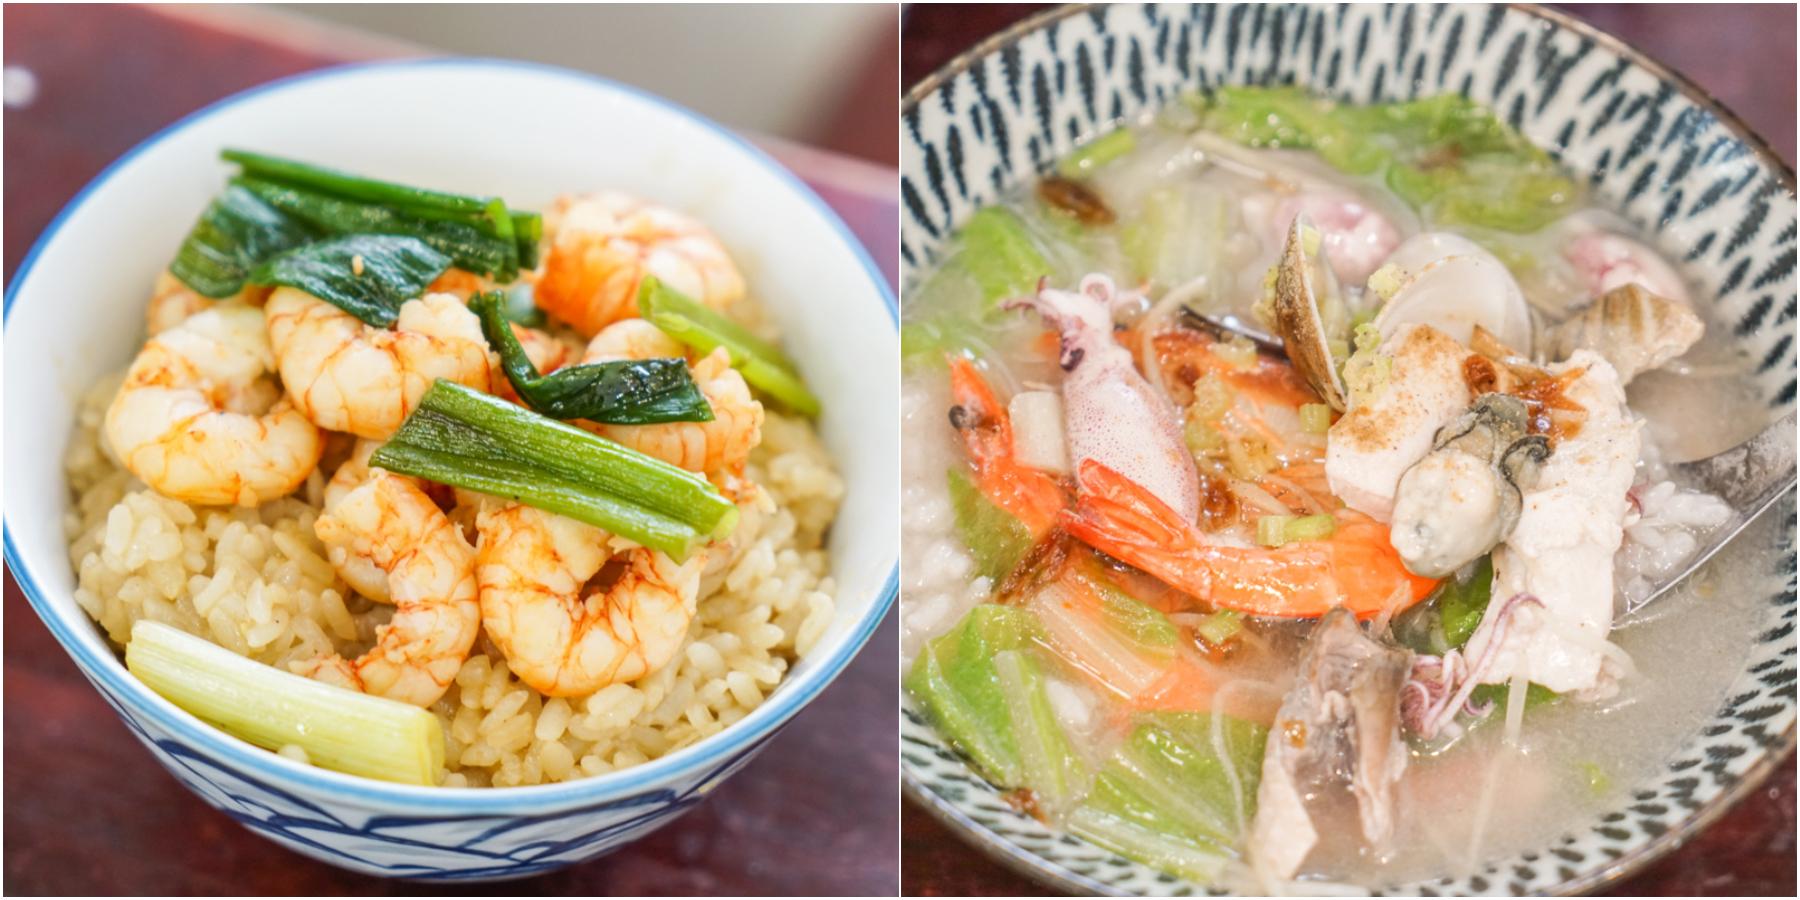 東門站美食|免赴台南就可以吃到滿滿胭脂蝦仁的好吃台南蝦仁飯『無一物海產粥』菜單 @梅格(Angelababy)享樂日記